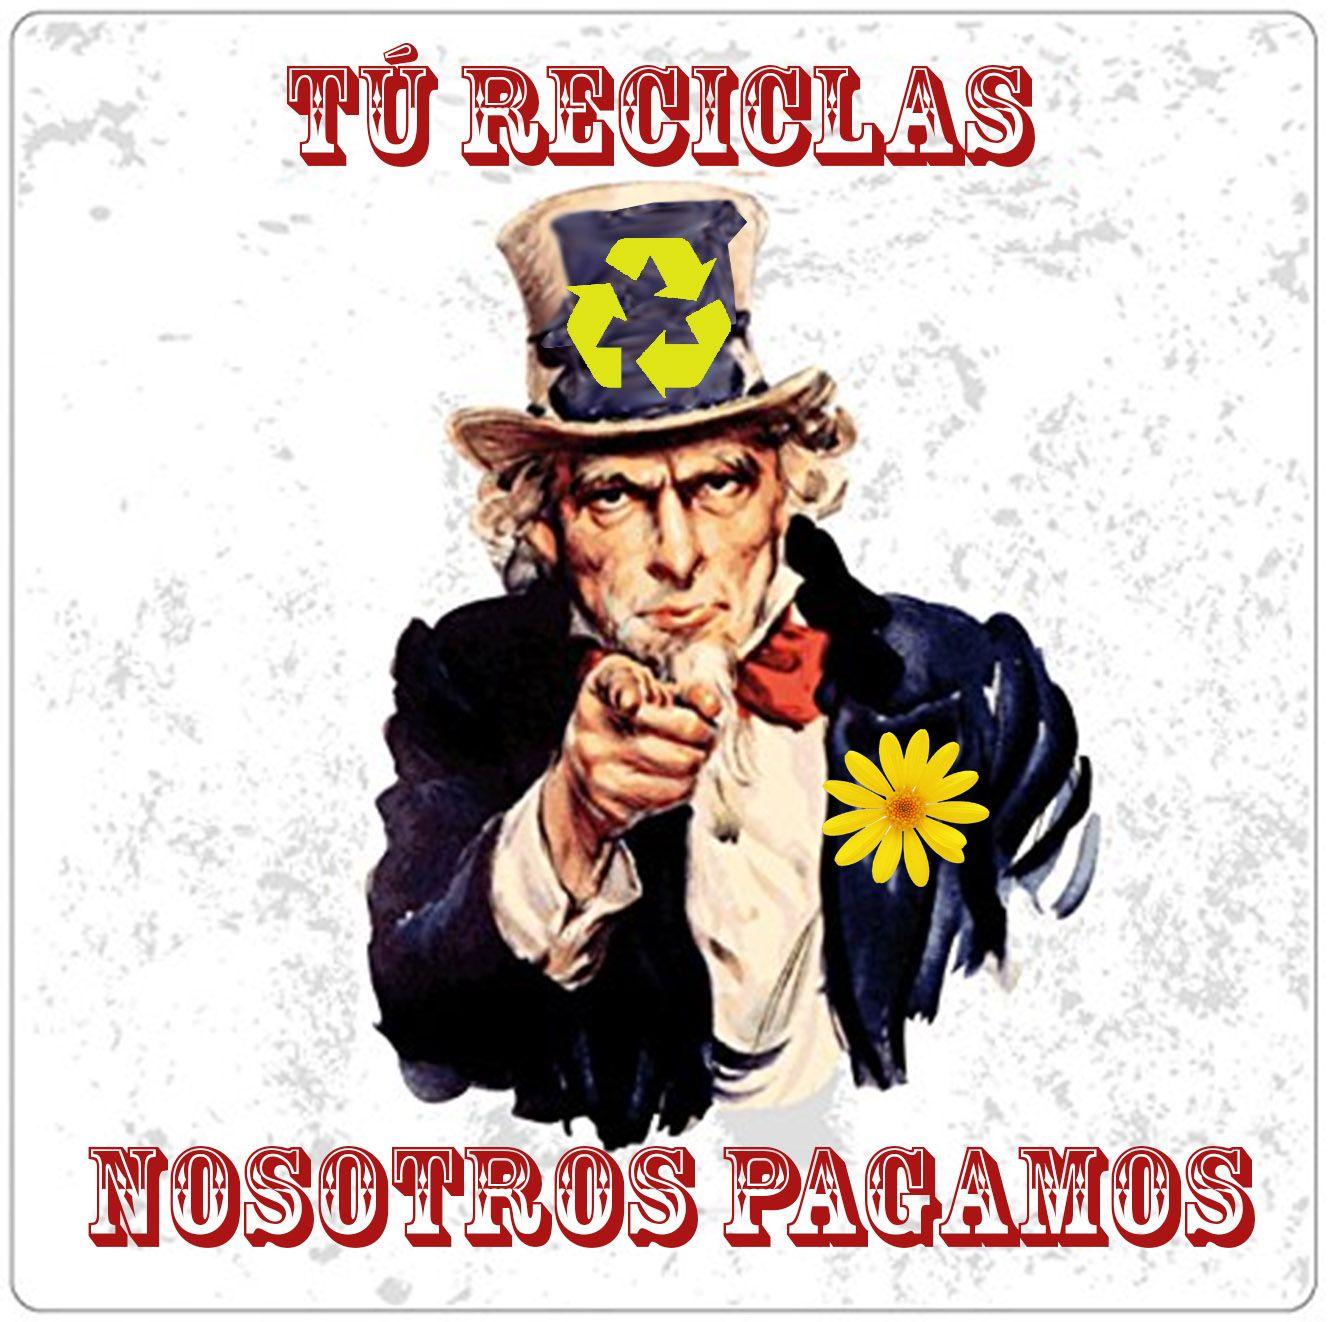 alt - https://static.comunicae.com/photos/notas/1216922/1596446530_tu_reciclas_nosotros_pagamos.jpg